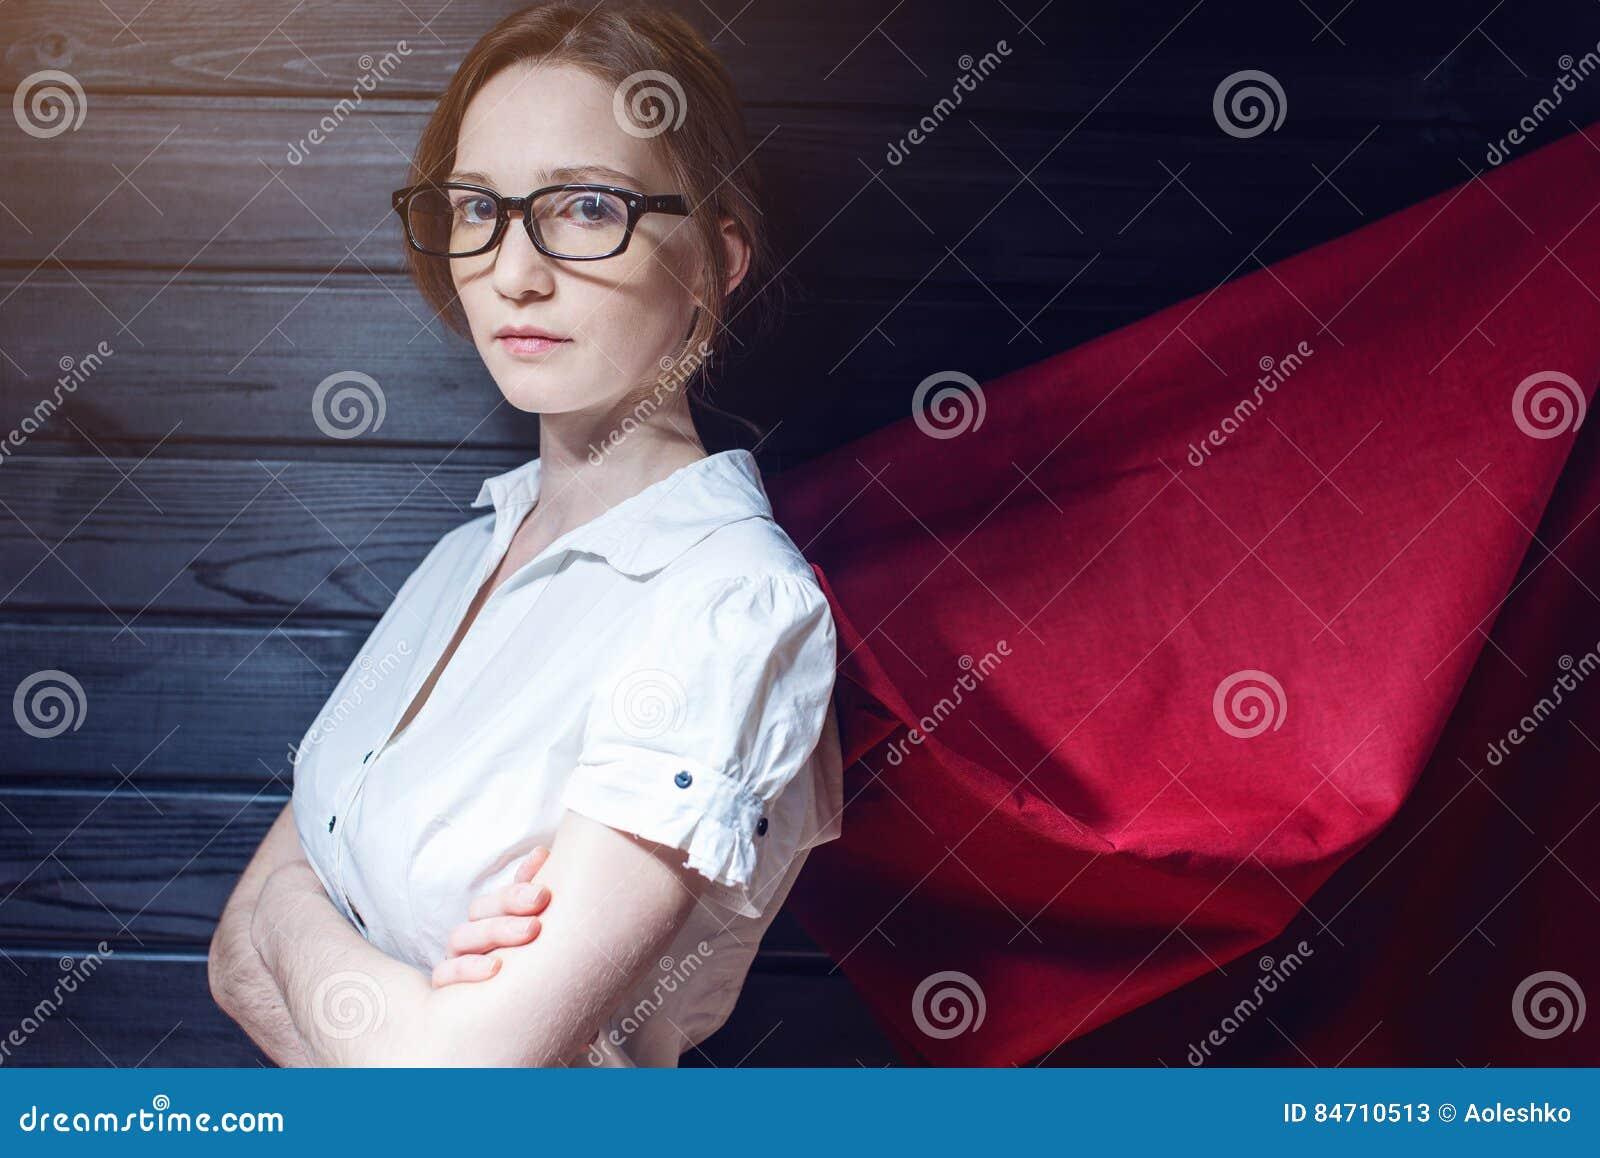 Employé de bureau de superwoman se tenant dans un costume et un manteau rouge